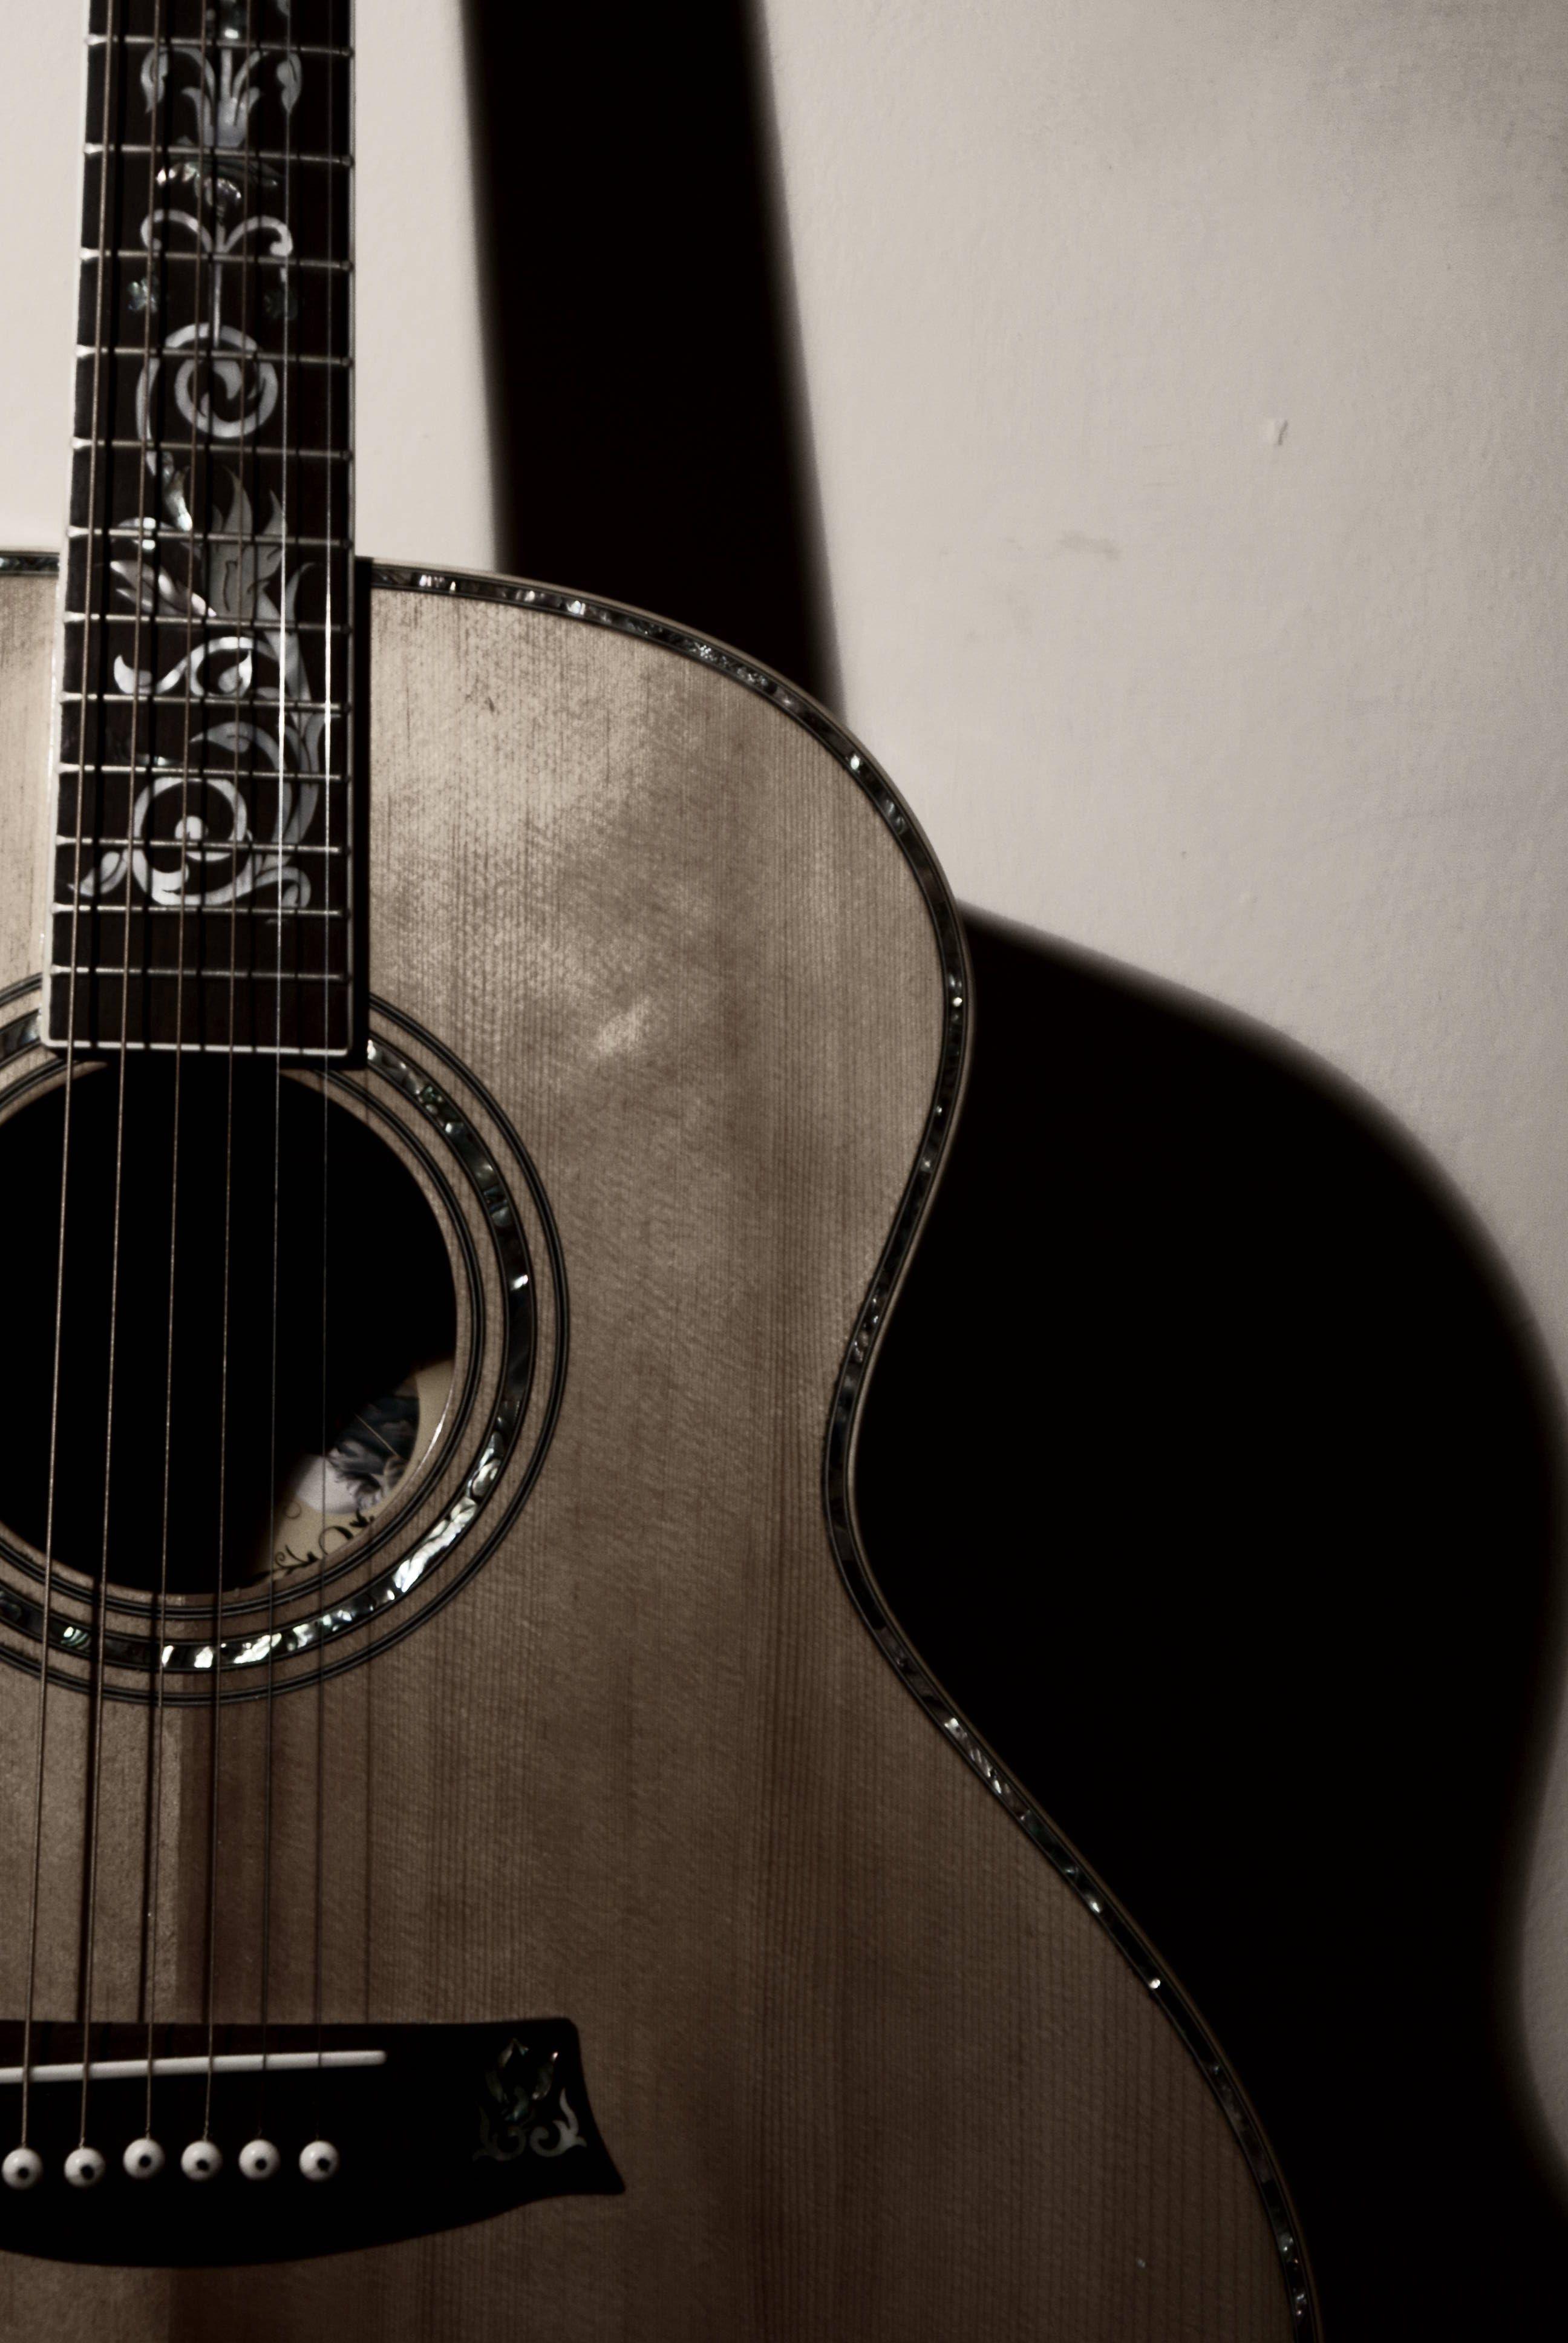 porque me gusta mucho música yo practico guitarra todos los dà as